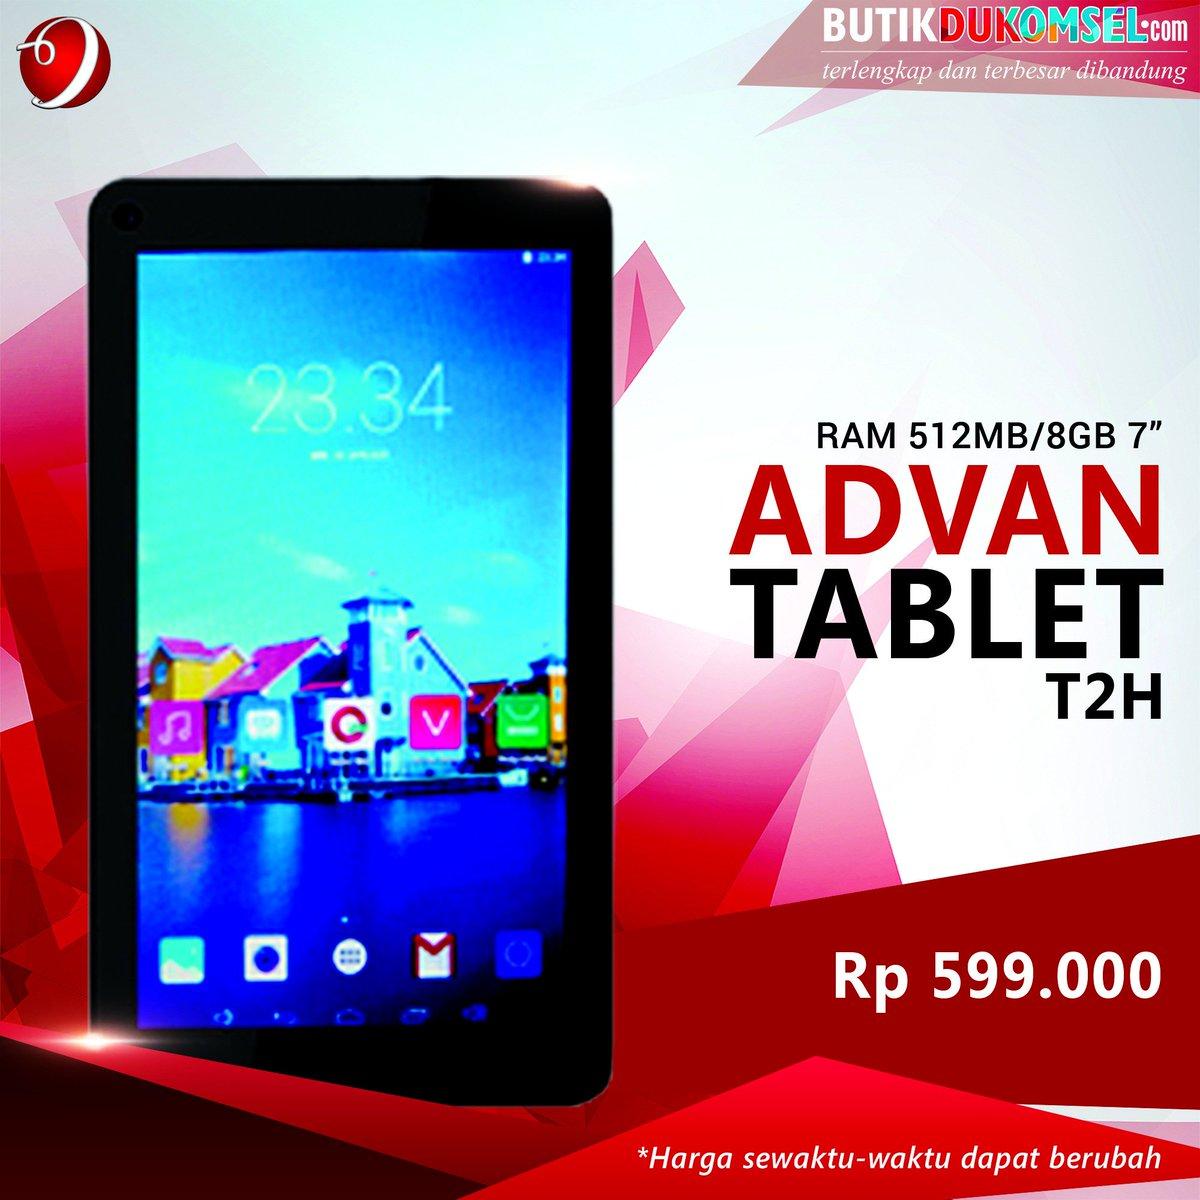 Advan T2h Daftar Harga Terkini Terlengkap Touchscreen Ts Layar Sentuh E1c 3g 70 Inci Com On Twitter Hadir Dengan Desain Khas Tablet Layarnya Berukuran